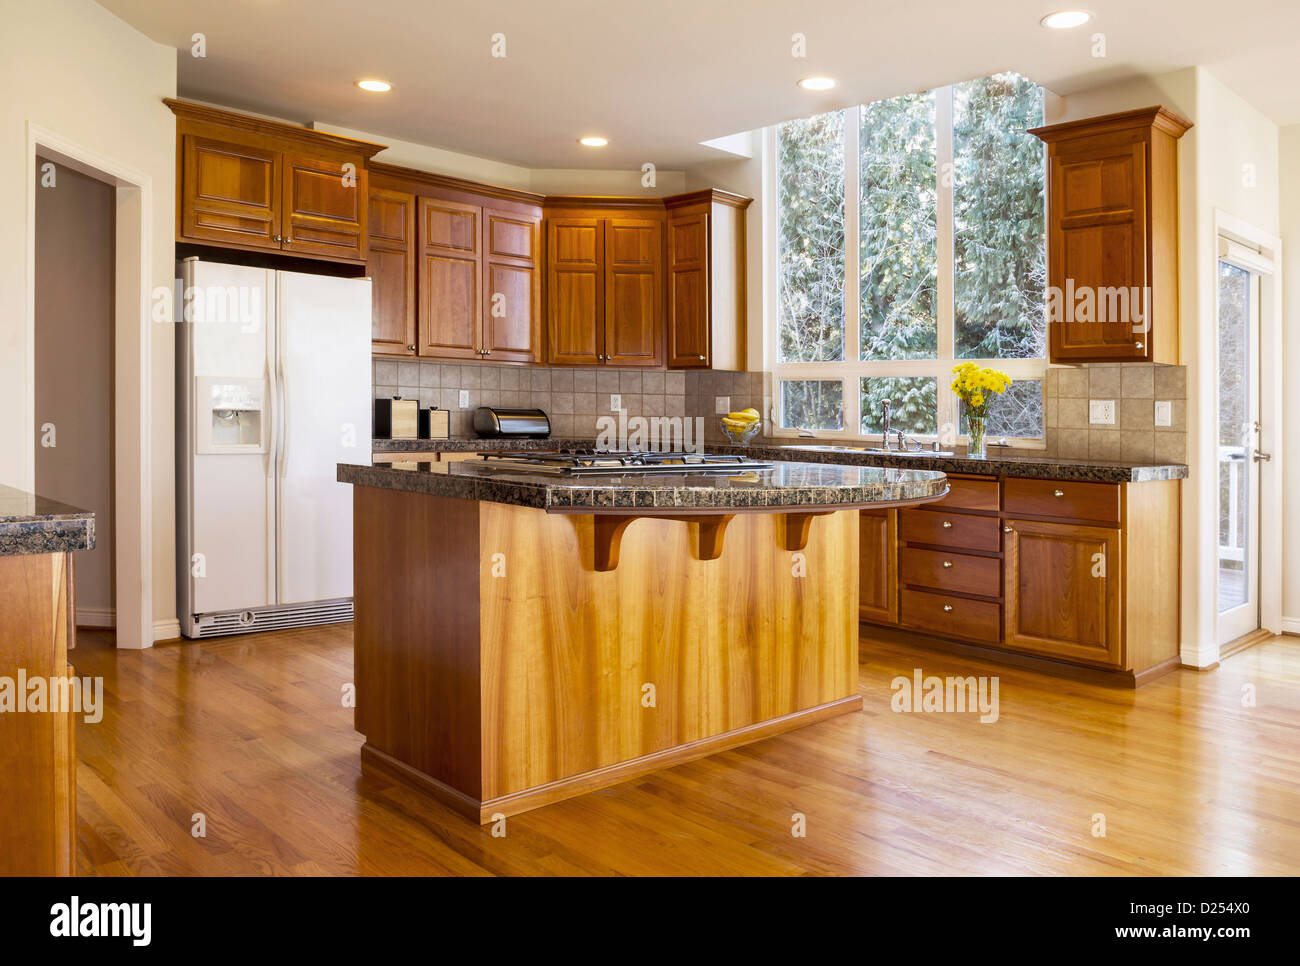 Modernen Tageslicht-Küche mit Rot-Eiche Fußböden, Kirsche Holz ...